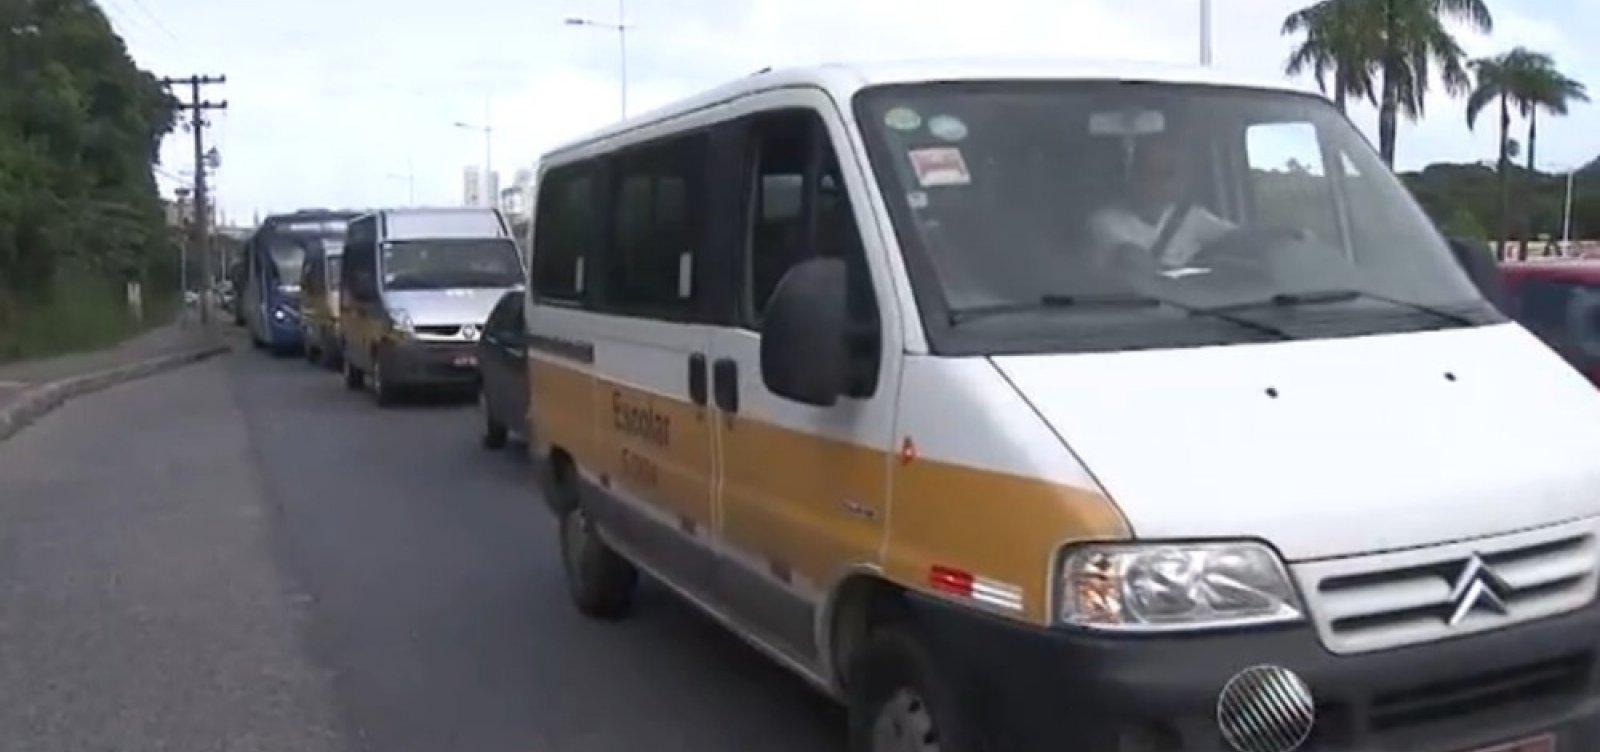 [Inspeção de veículos de transporte escolar em Salvador começa 16 de março]